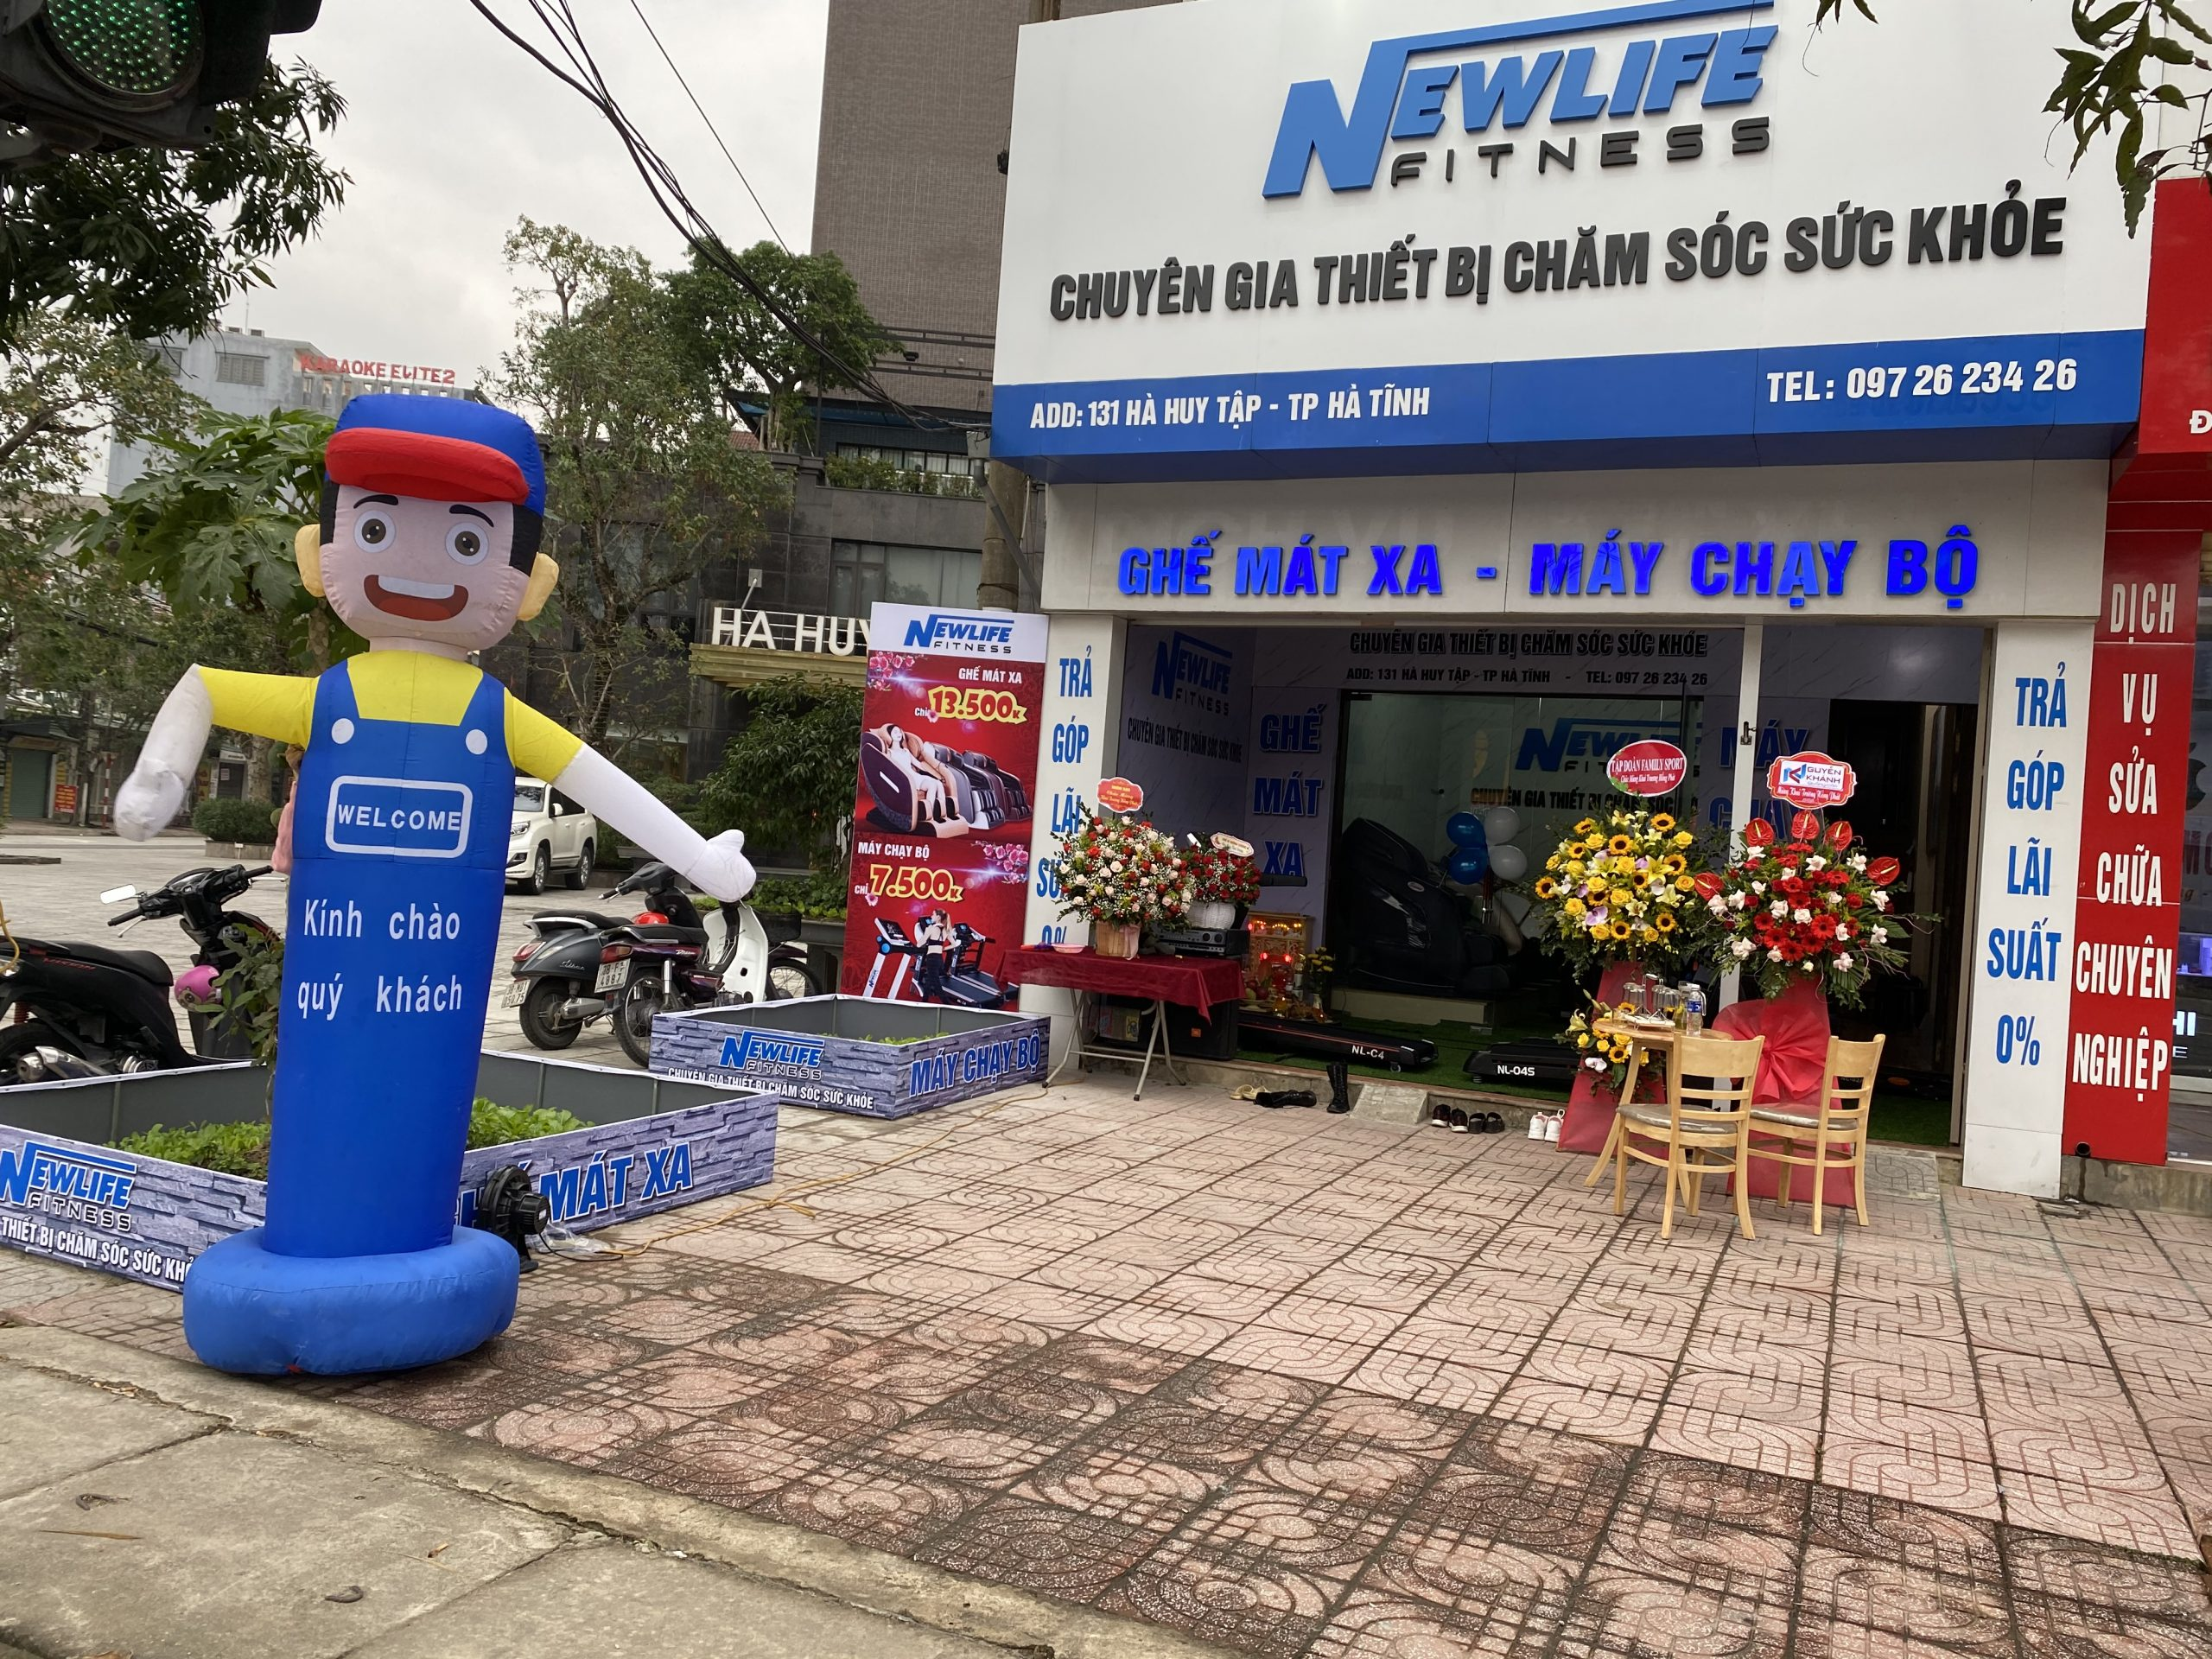 Mua ghế massage giá rẻ Hà Tĩnh